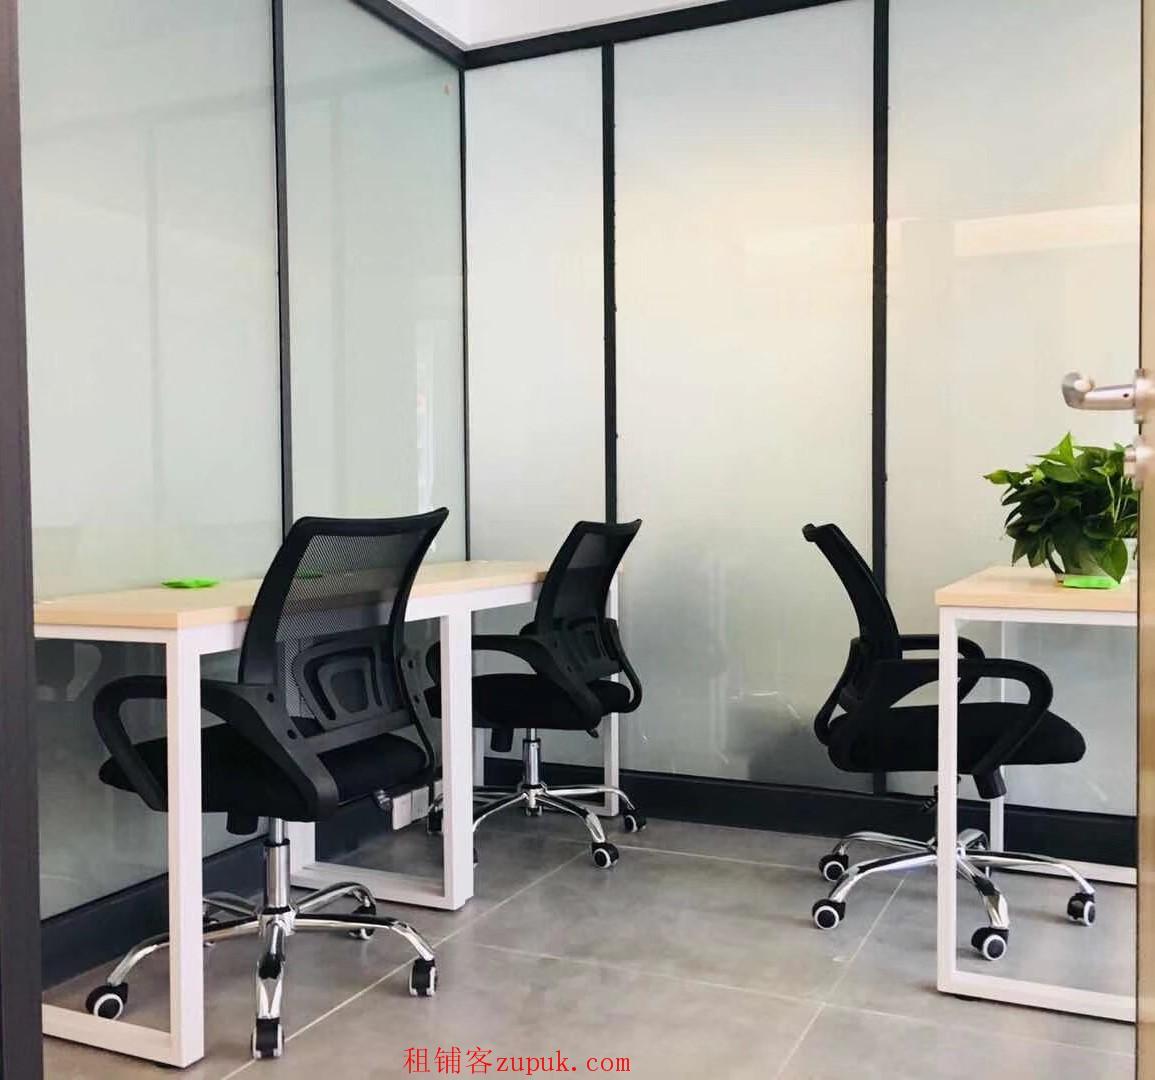 越秀区环球广场小型办公室出租1296元,费用全包。